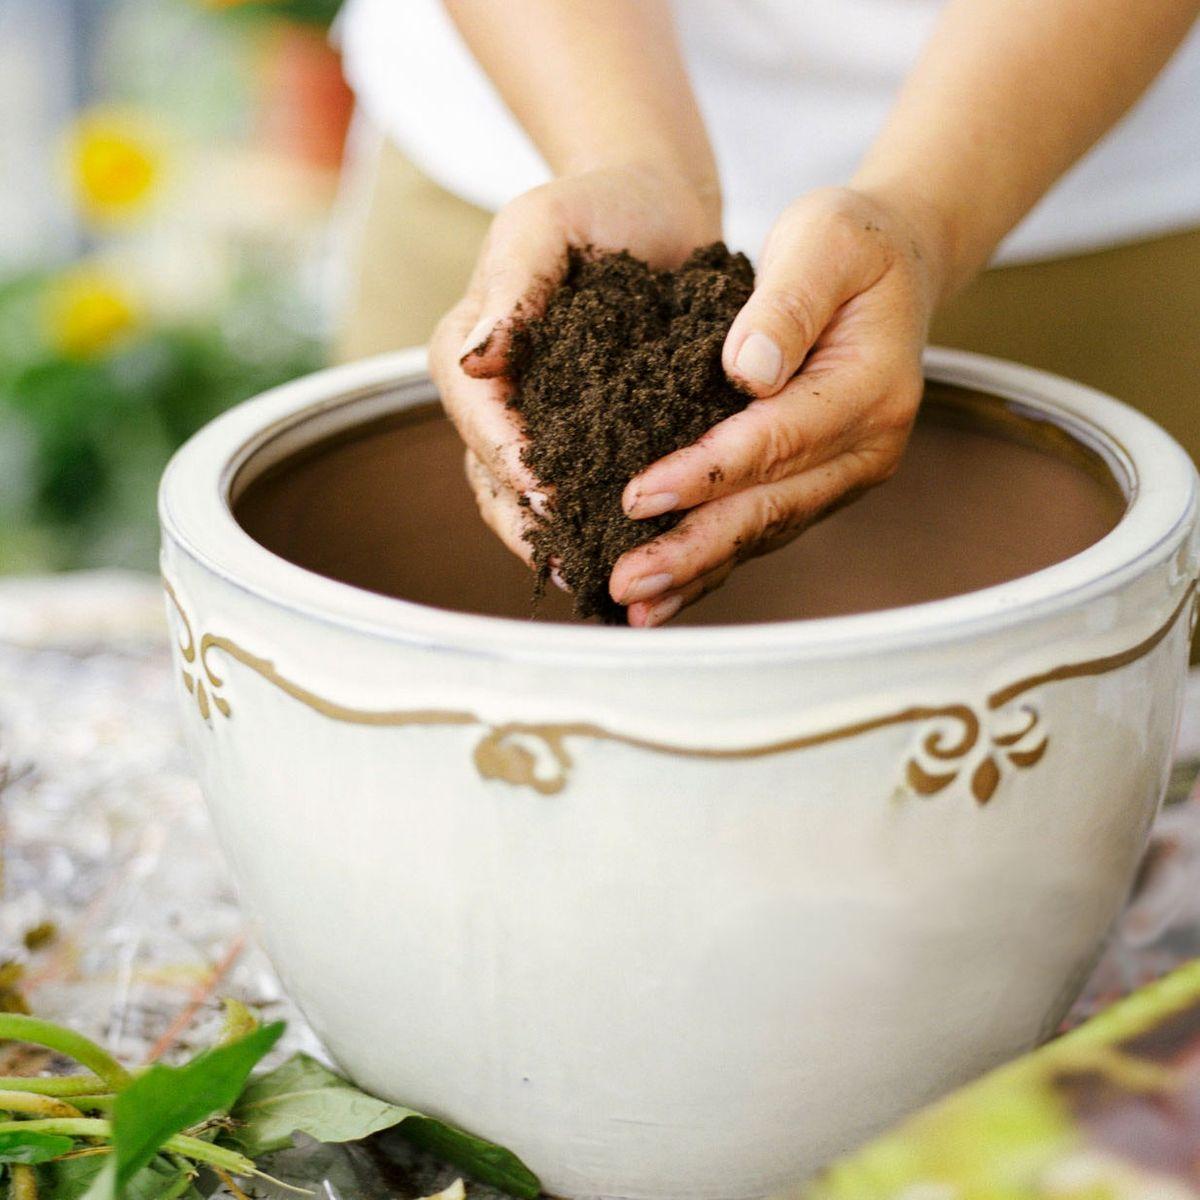 Best Potting Soil For Indoor Plants 2019 The Strategist New York Magazine